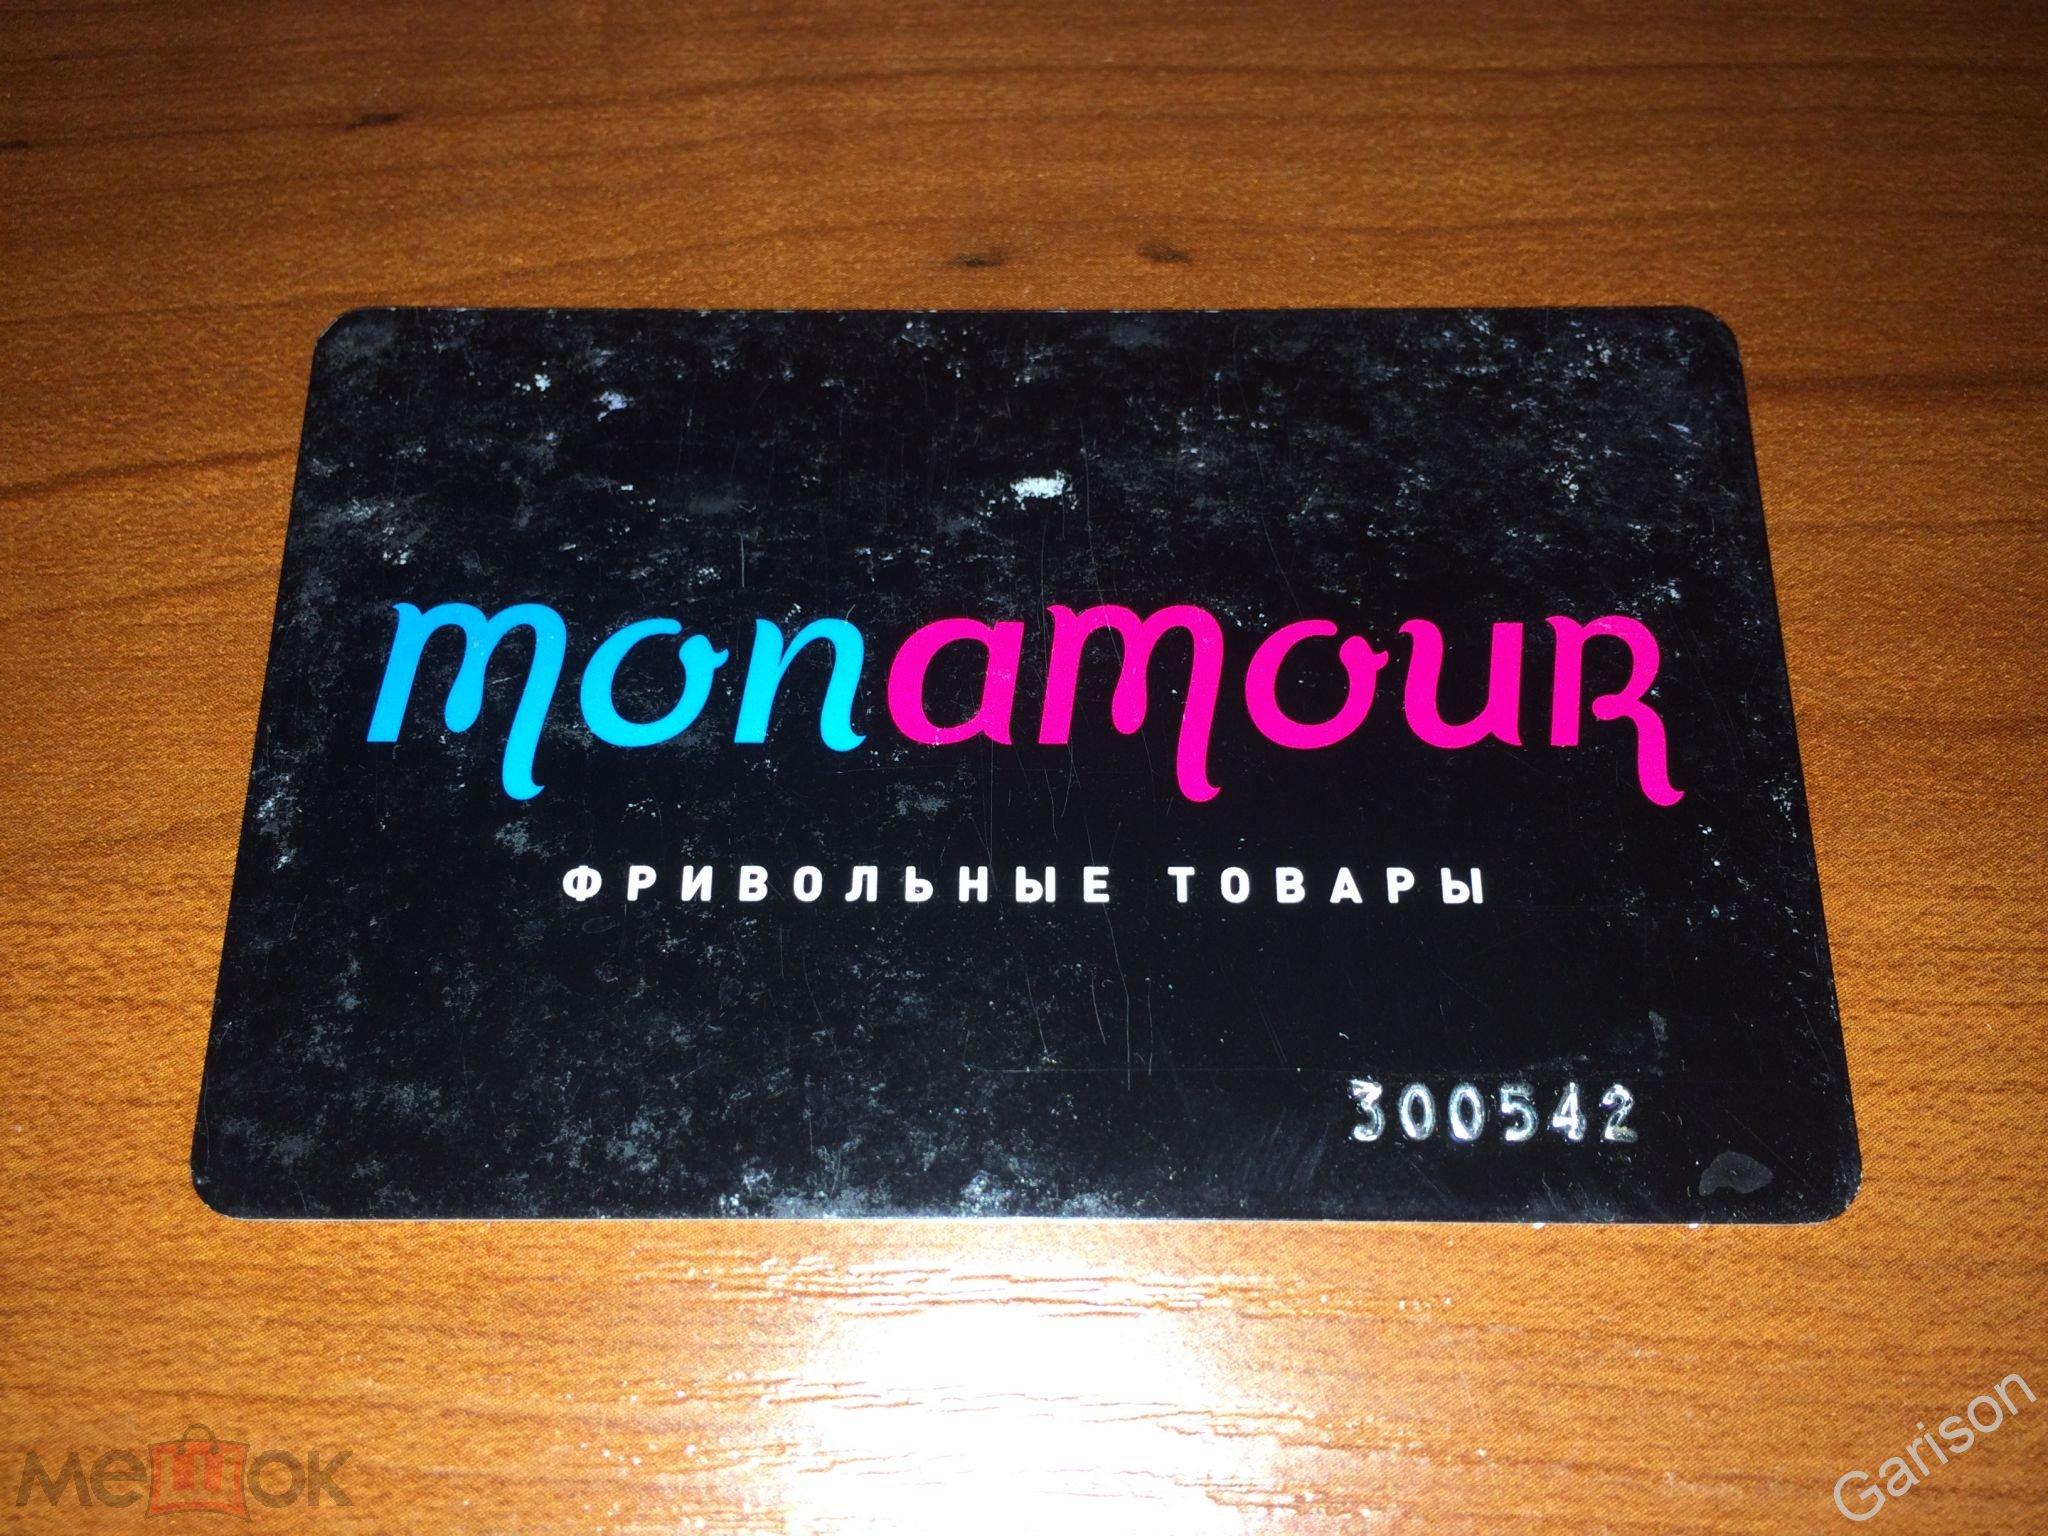 Карта Monamour материал карты пластик